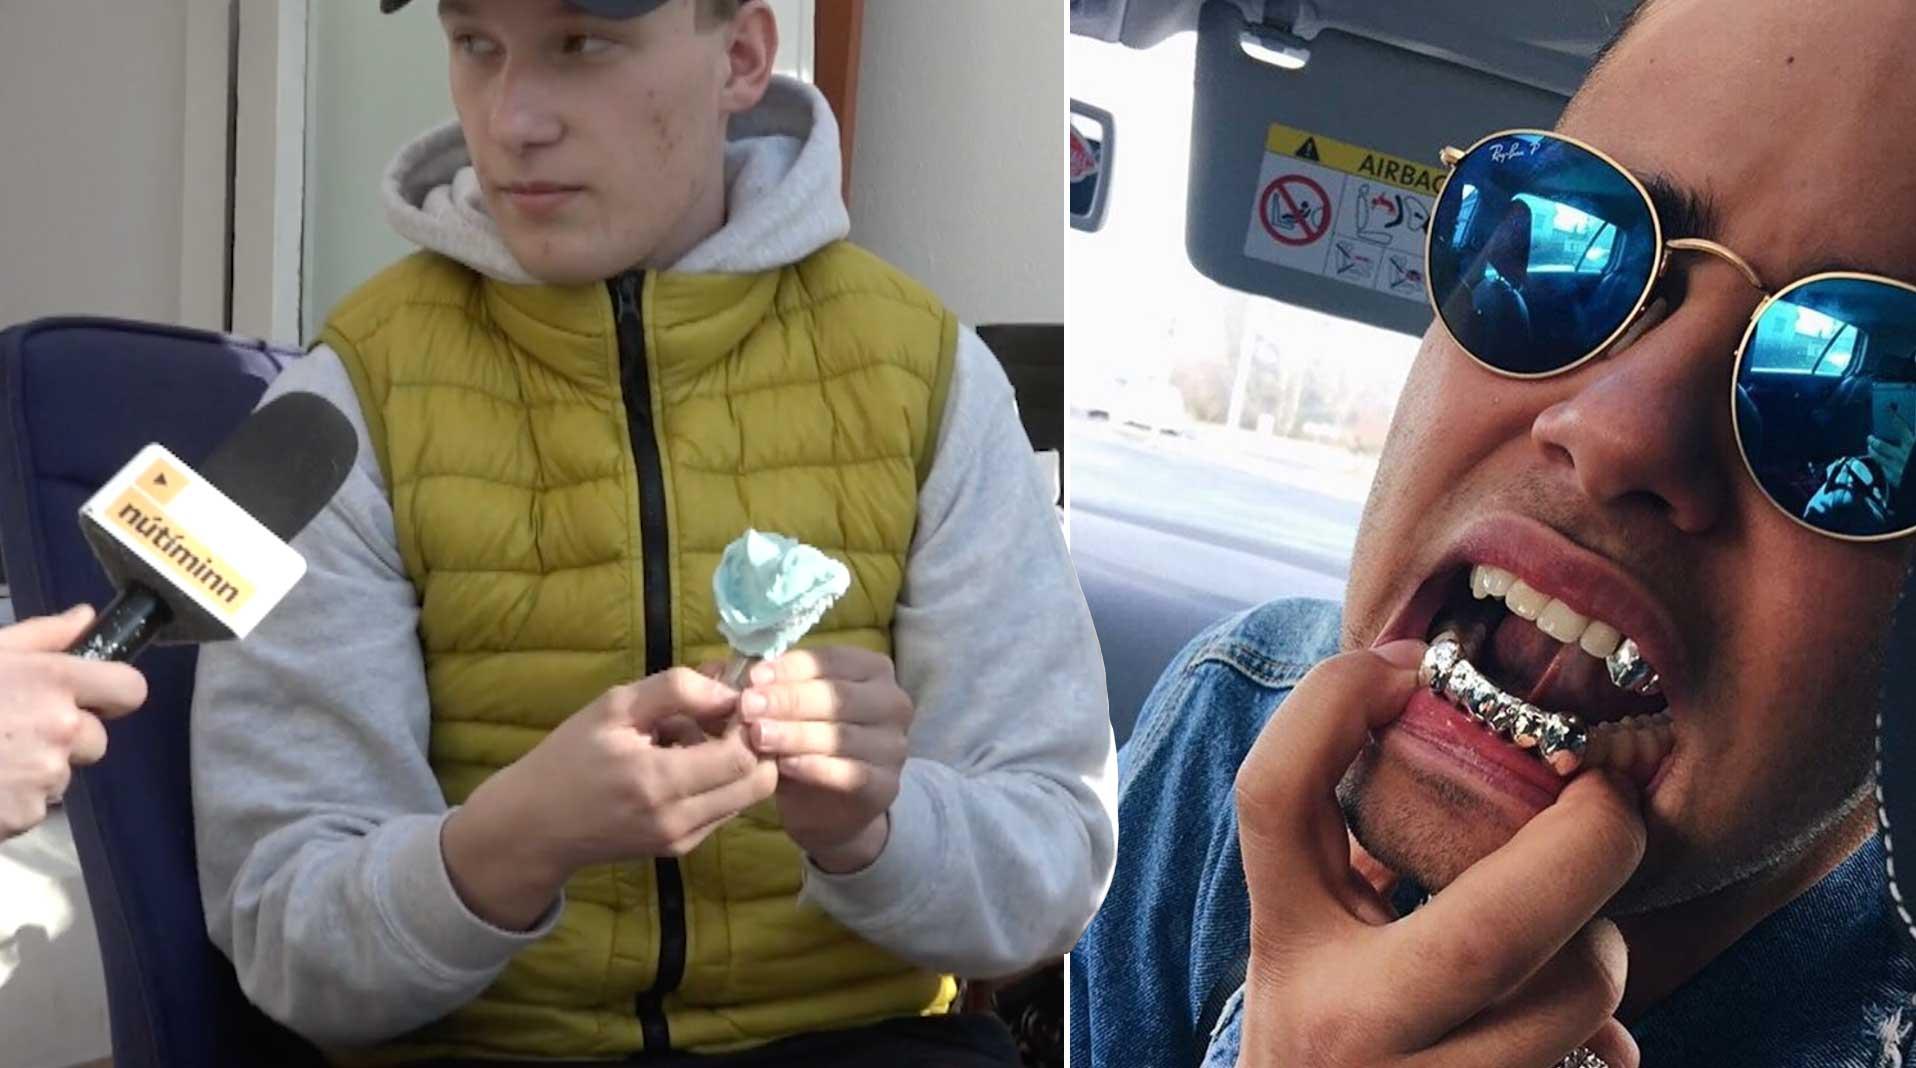 Hlynur Snær smíðar vinsælt tannskart upp í munninn á fólki